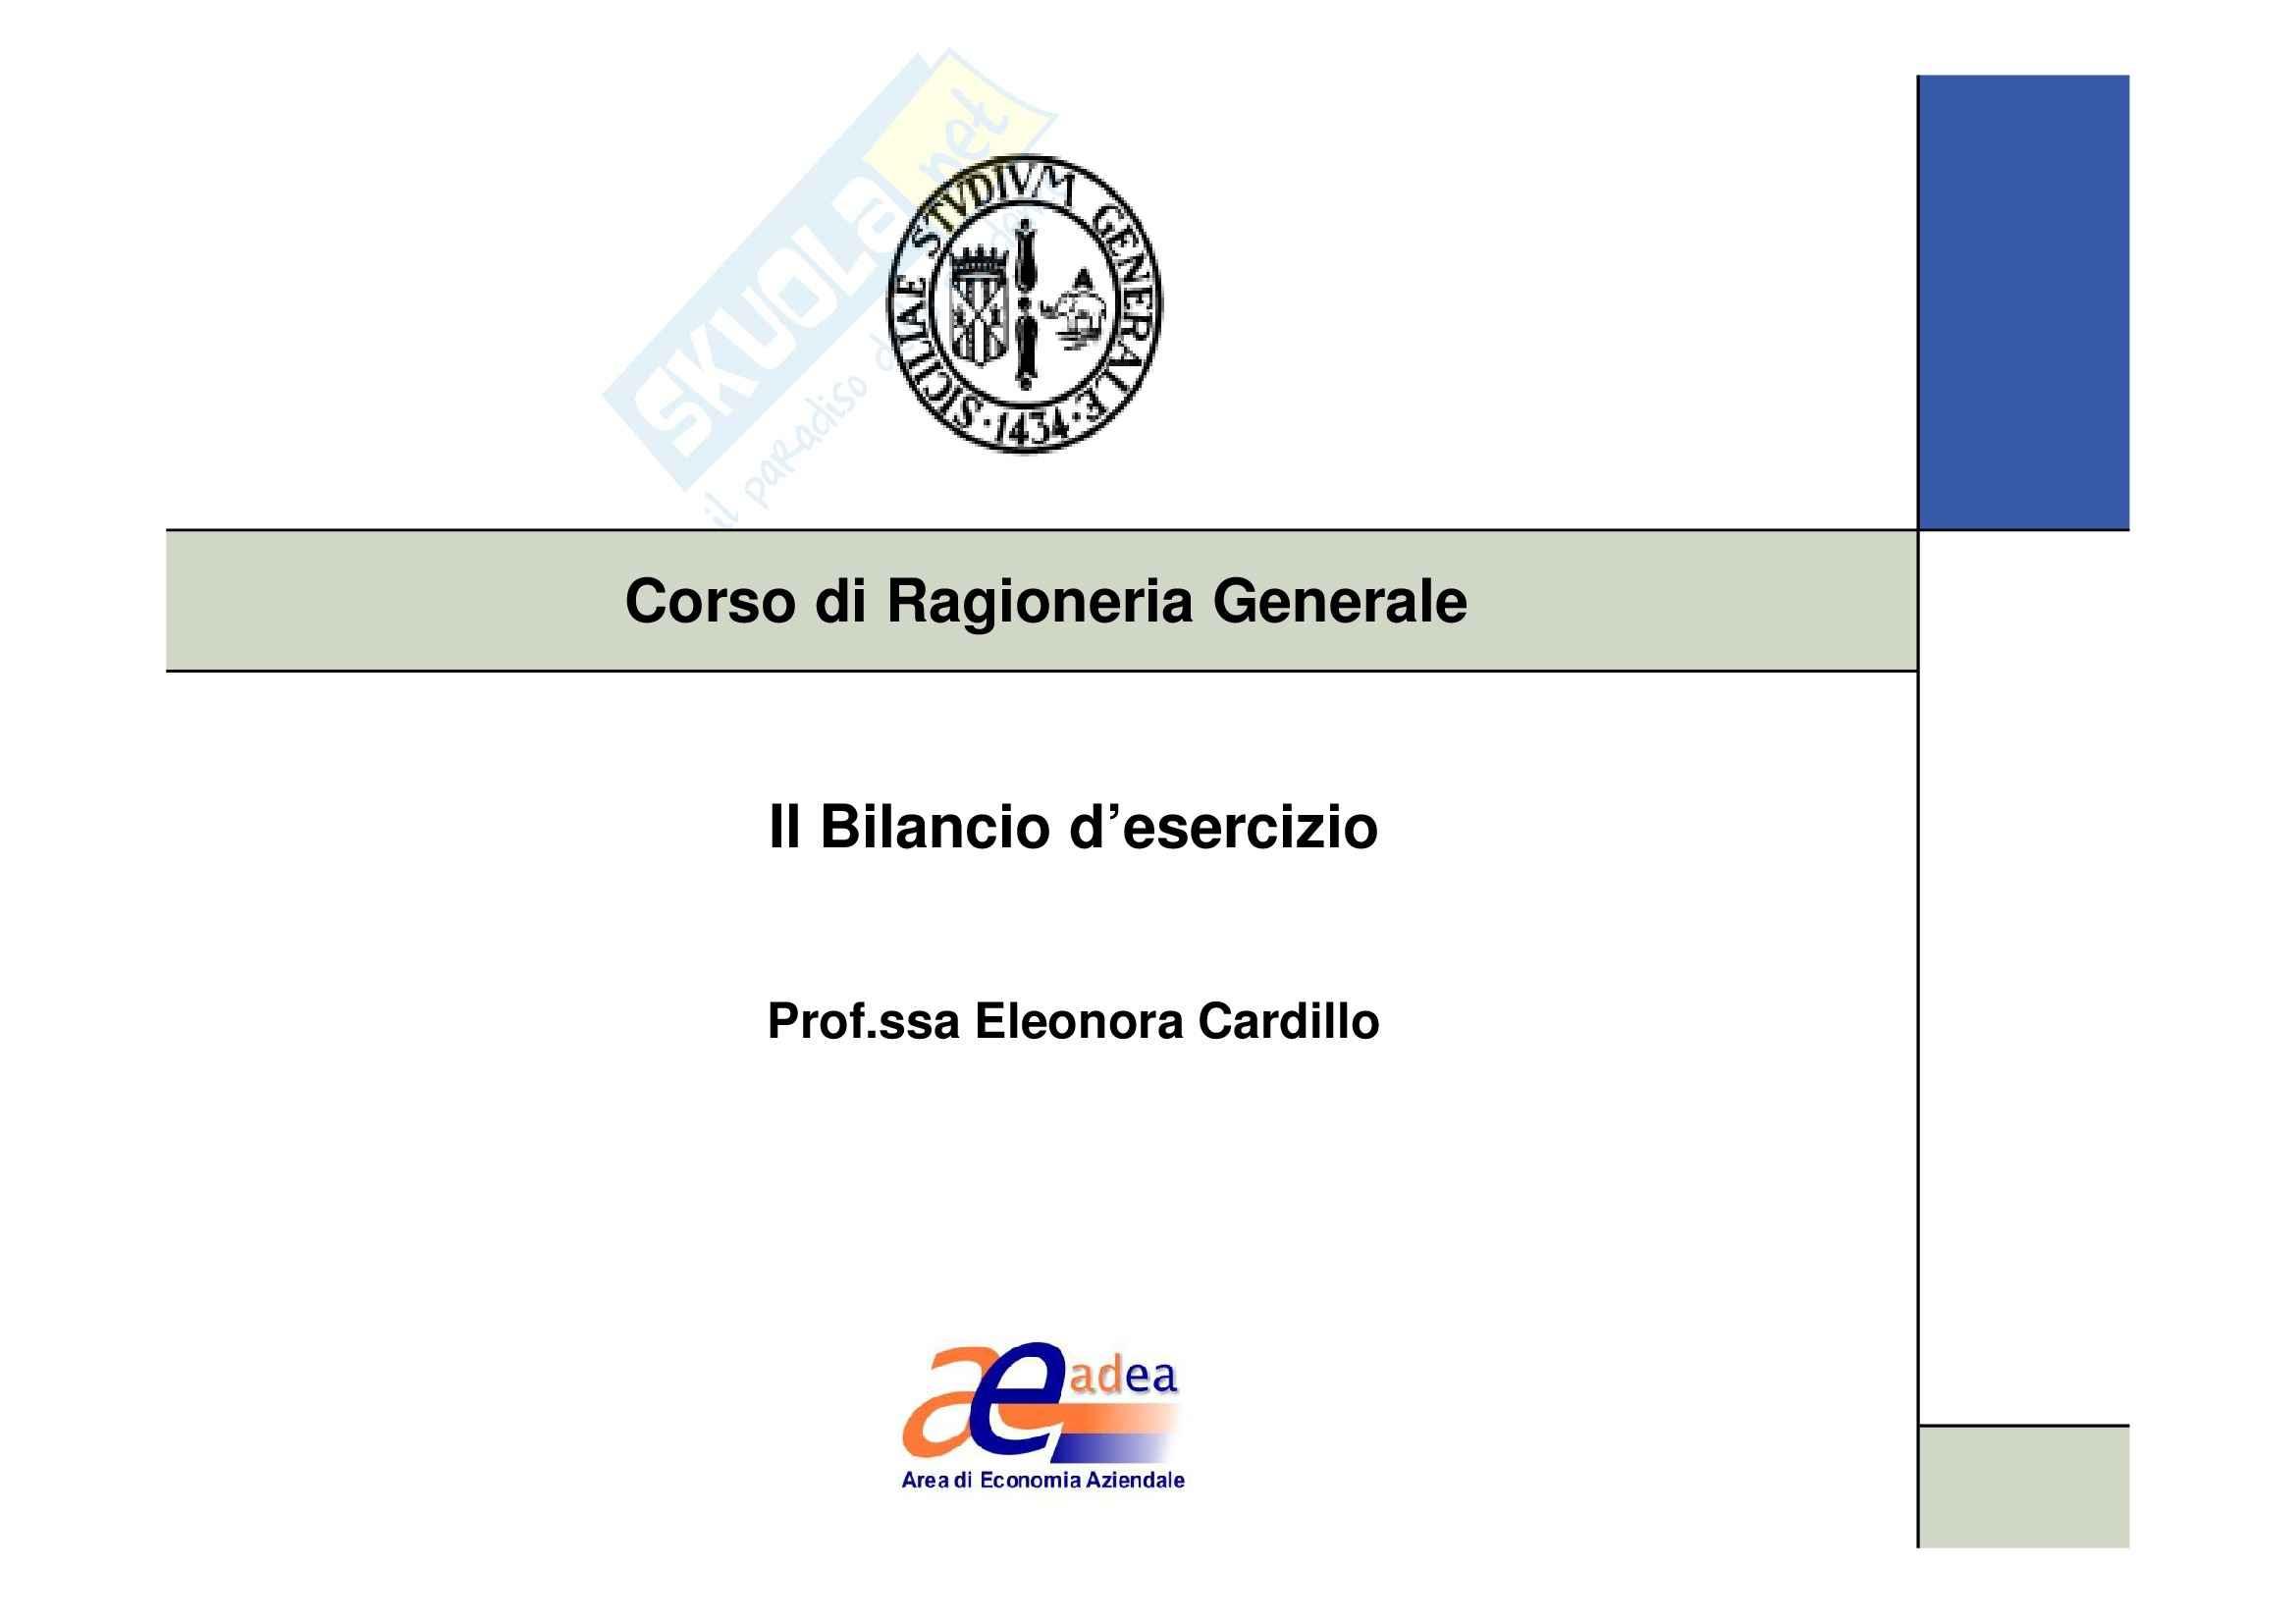 appunto E. Cardillo Ragioneria generale